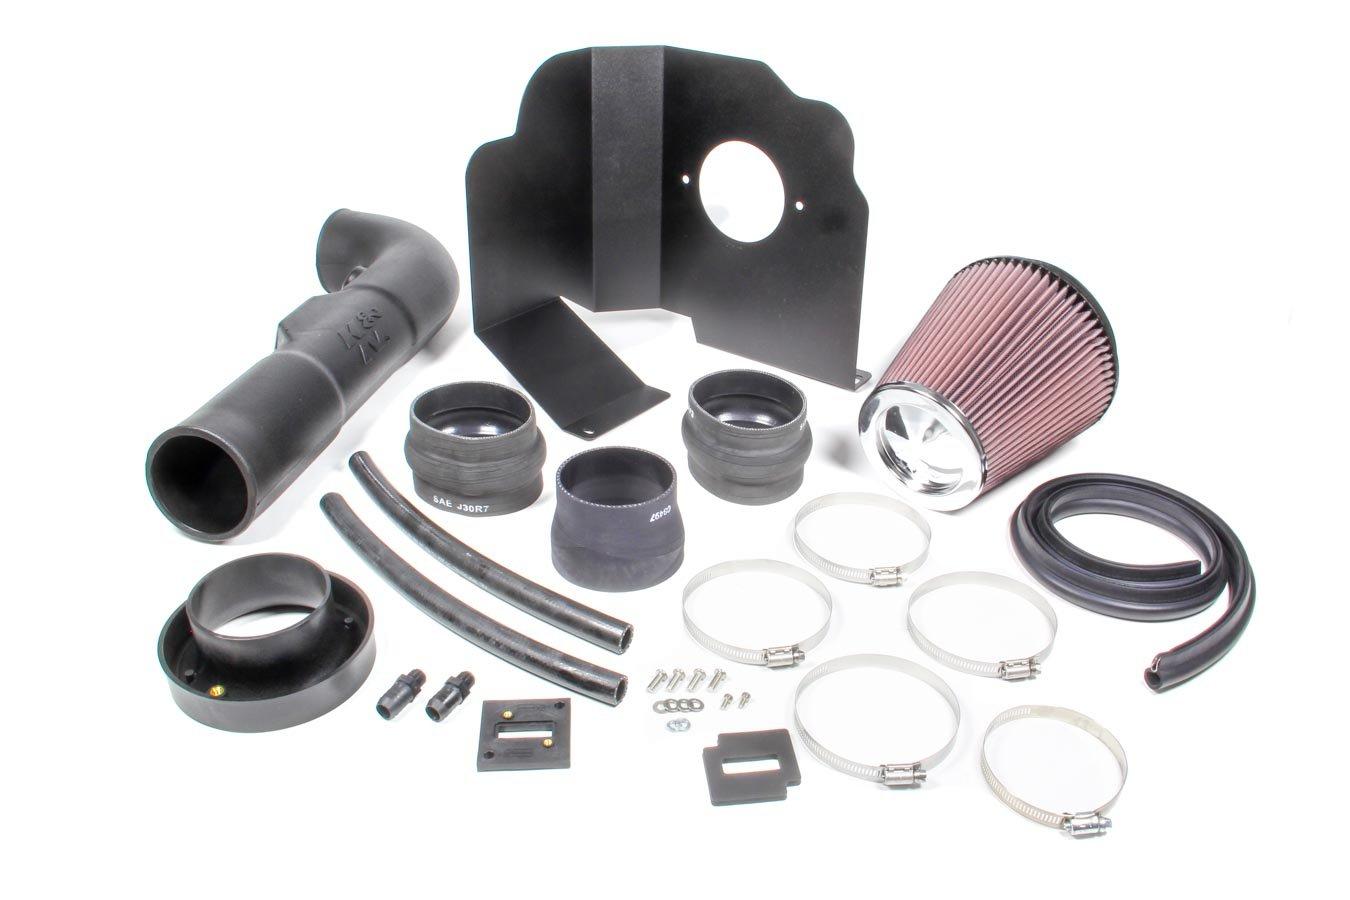 K&N 63-3082 Performance Intake Kit by K&N (Image #1)